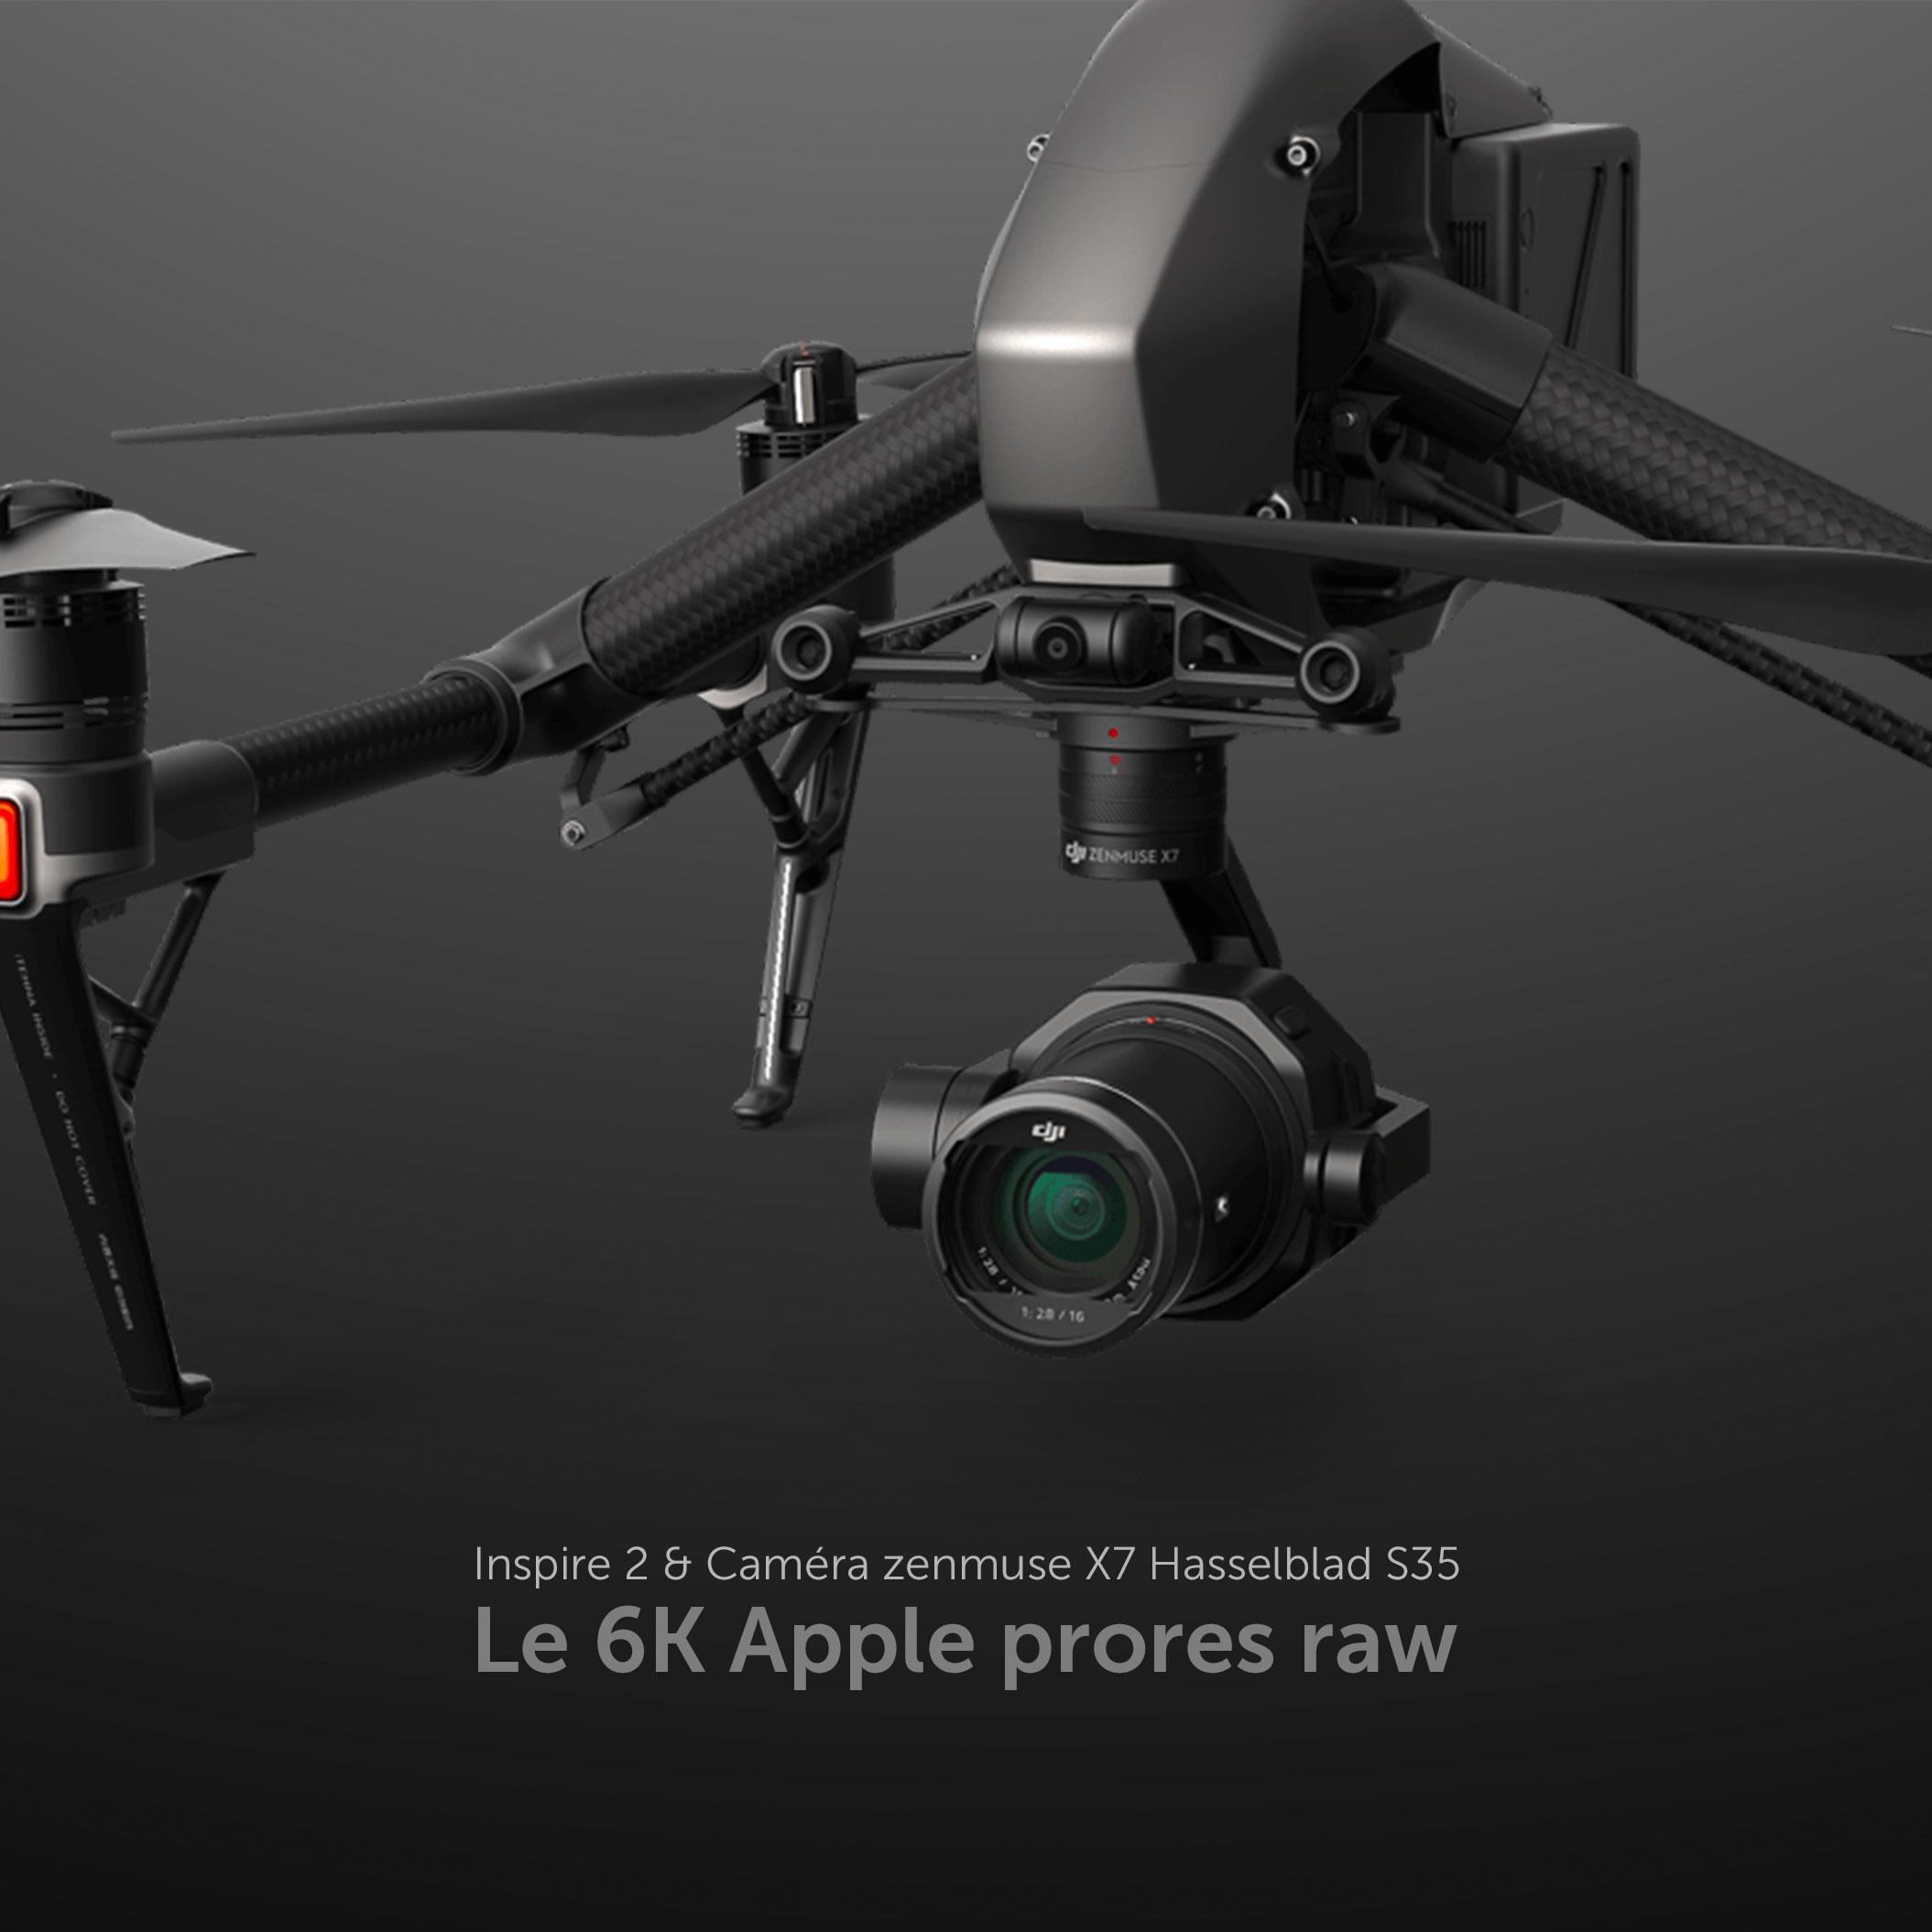 Config sans compromis, l'image de qualité cinéma en 6k Apple ProRes Raw, en simple ou double commande télépilote/cadreur - Drone + télépilote X1/x2